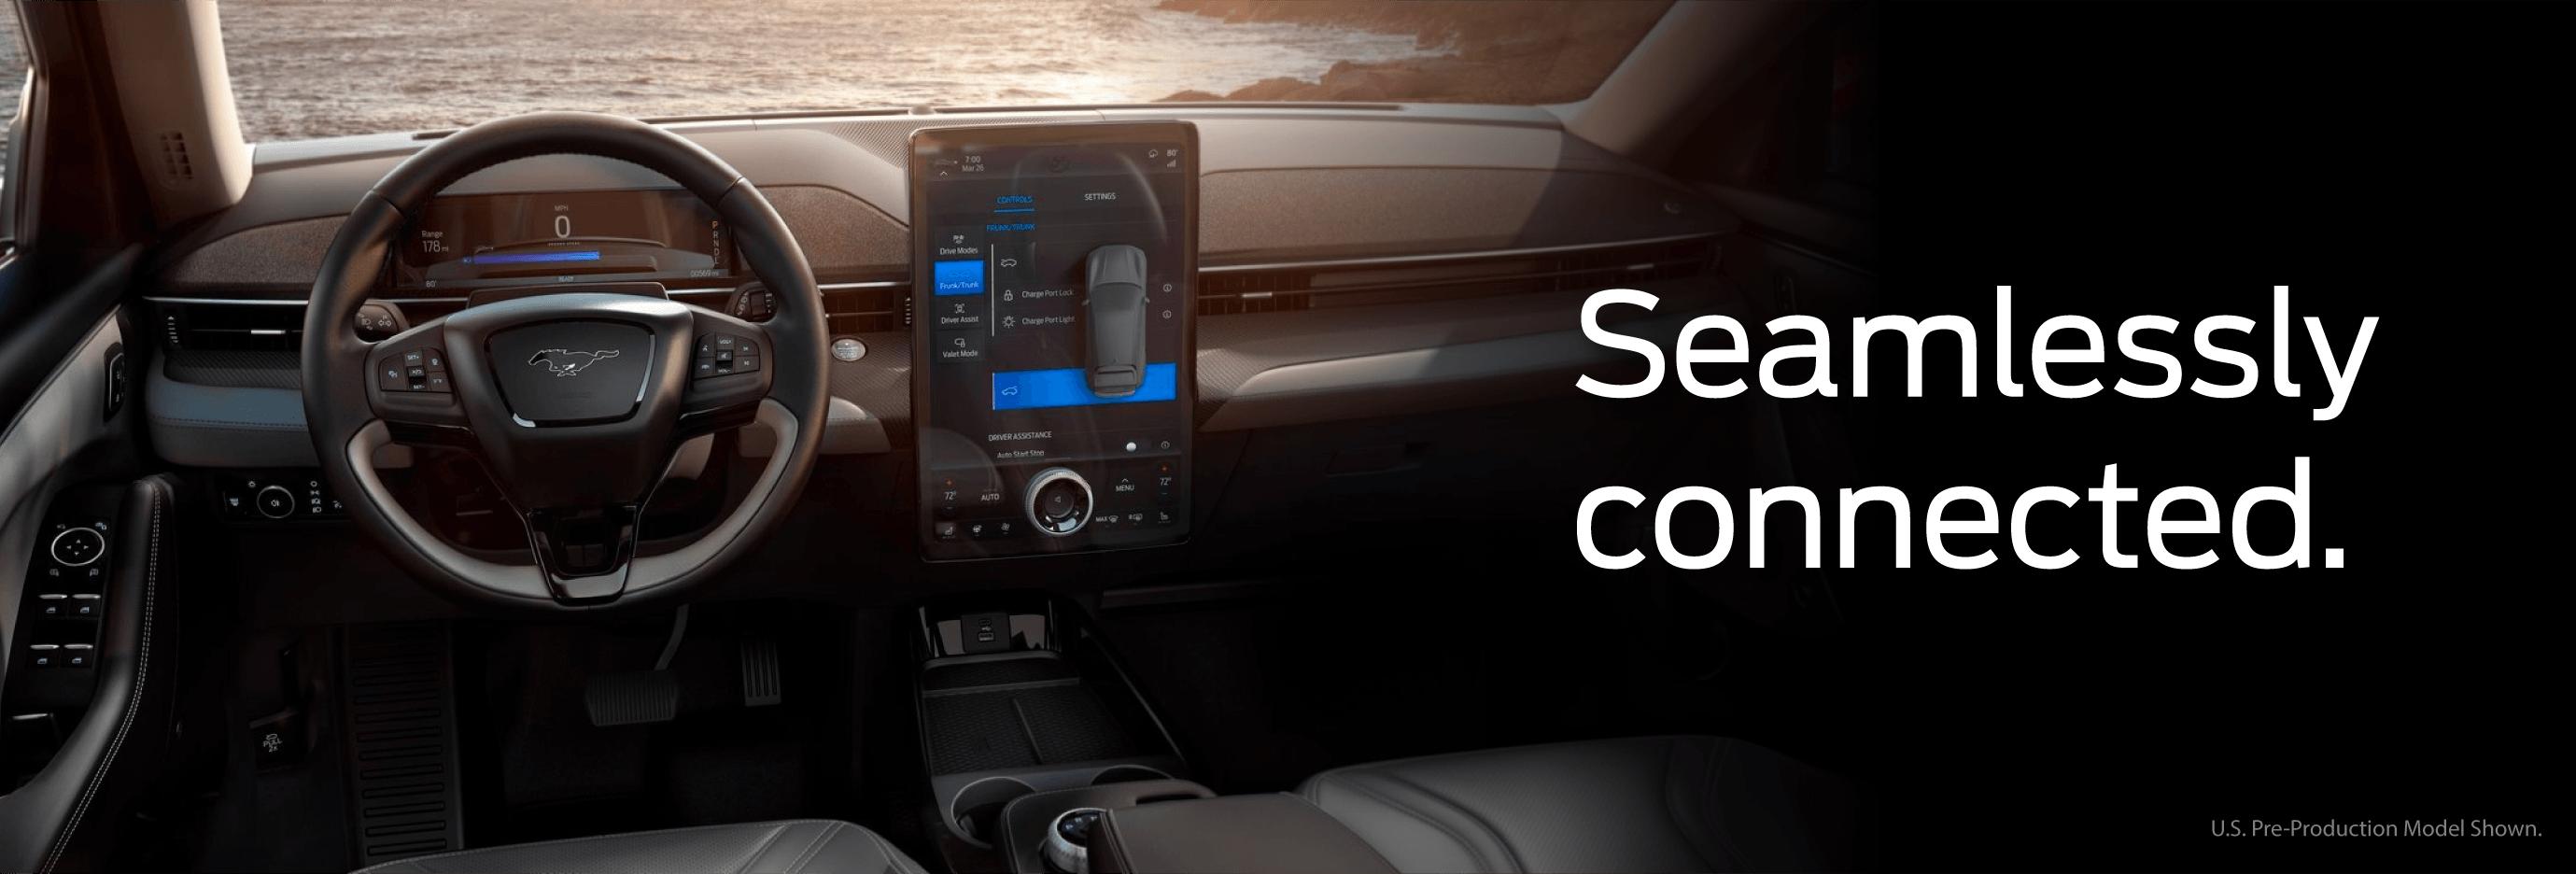 2021 Mustang Mach-E- interiors